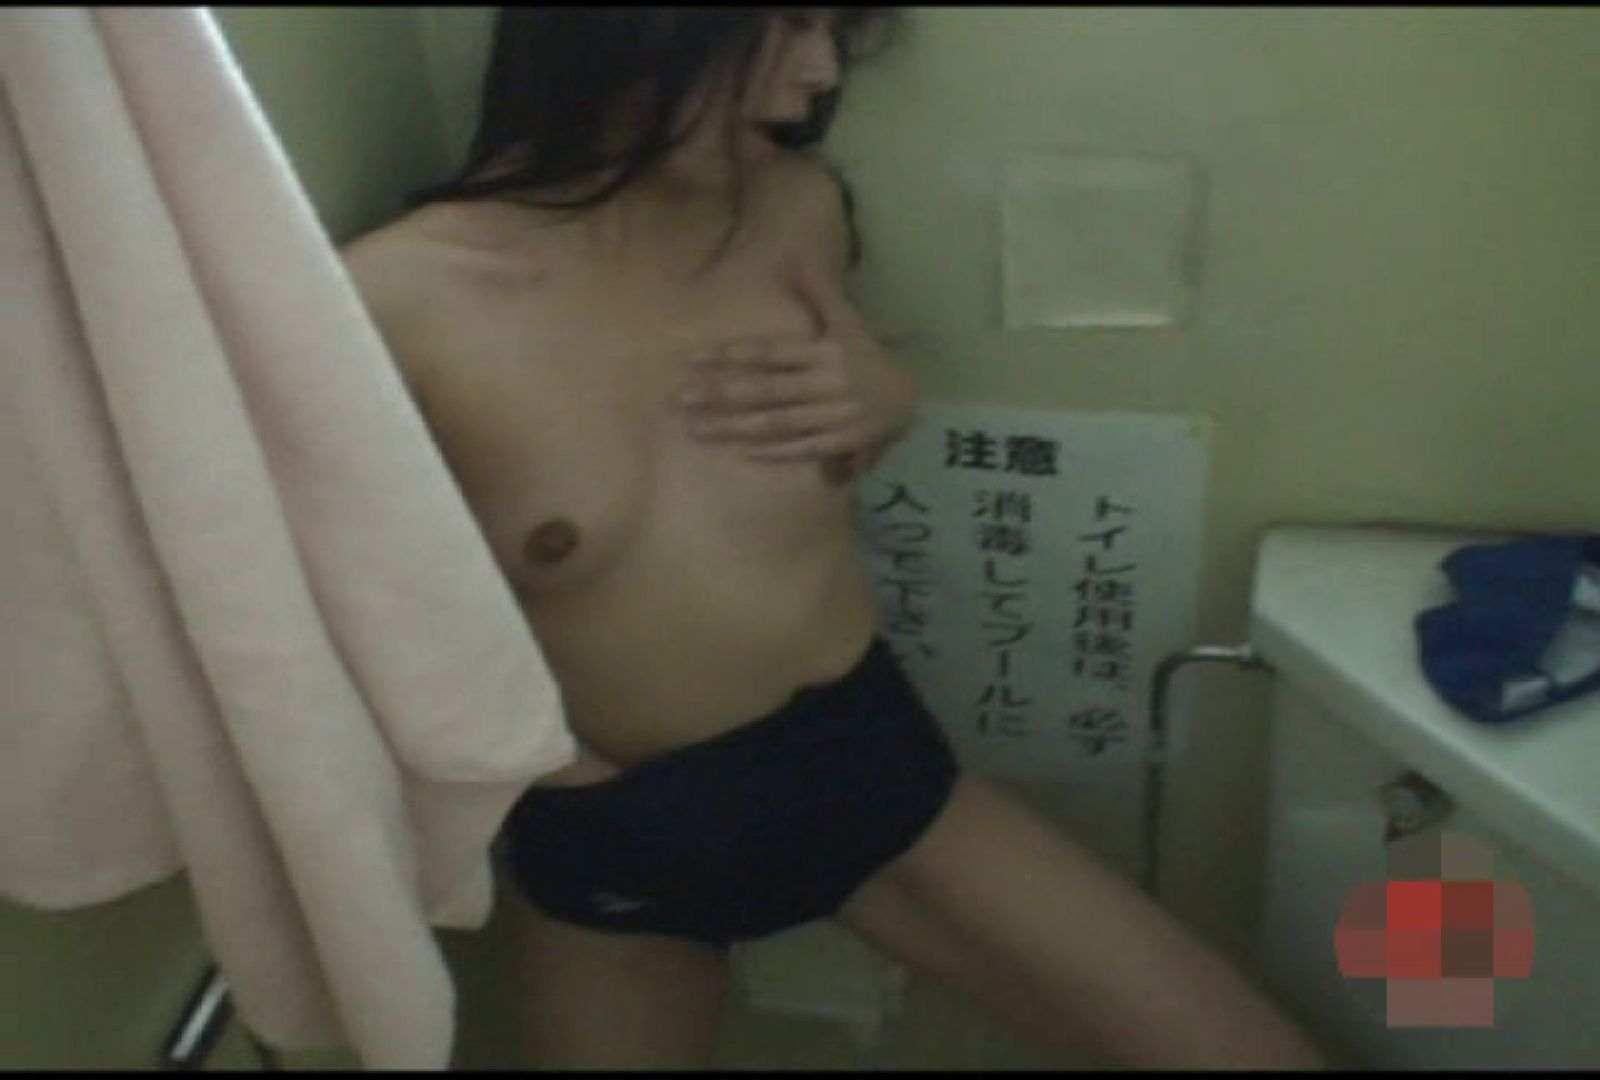 体育会系オナニー部Vol.1 性欲 おめこ無修正動画無料 87pic 54